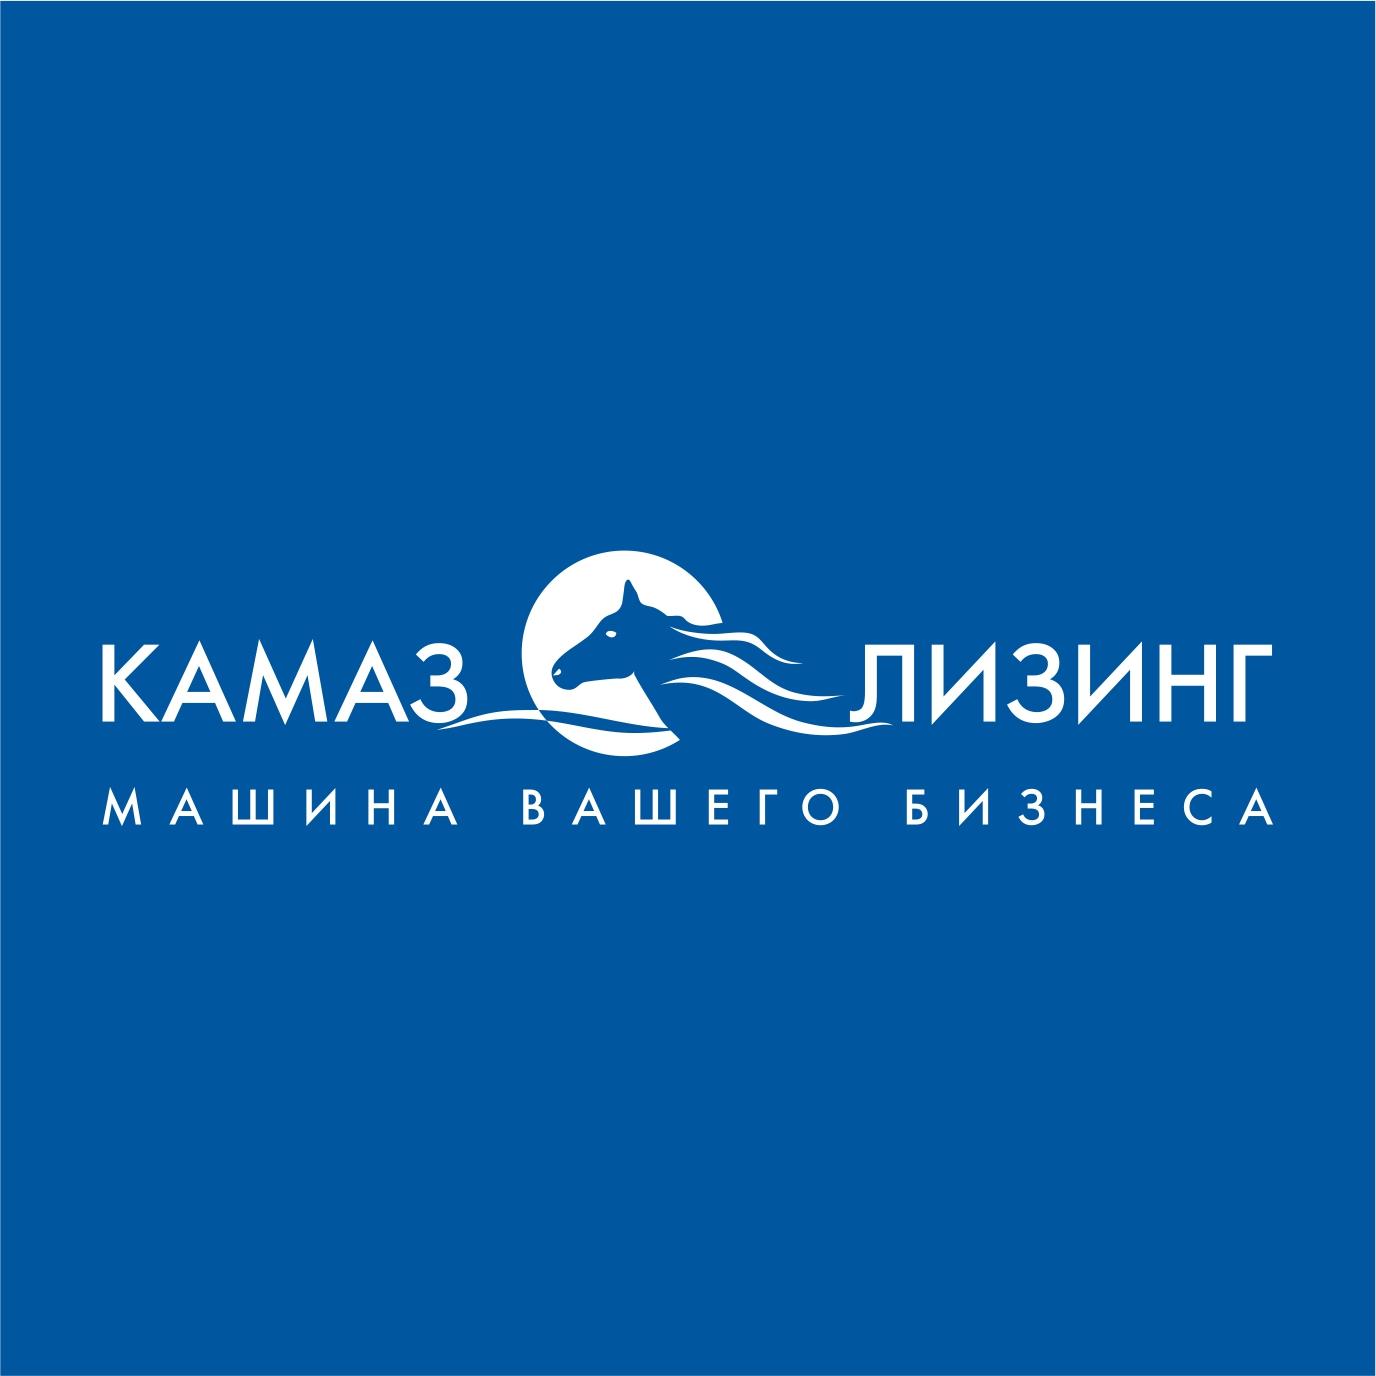 Личный кабинет для клиентов «КАМАЗ-ЛИЗИНГа»